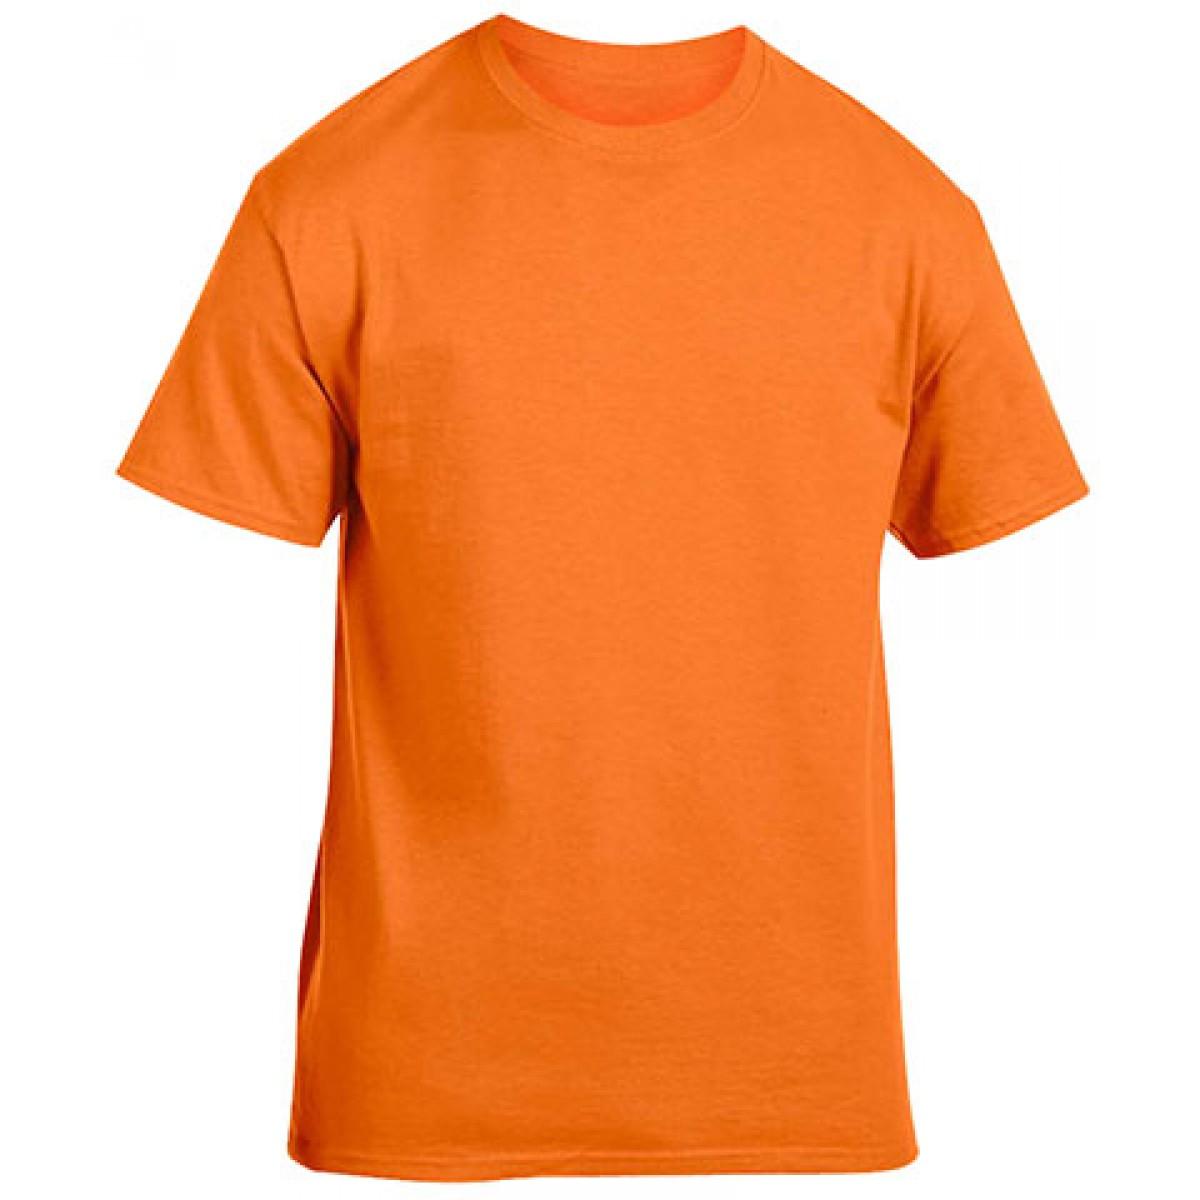 Heavy Cotton Activewear T-Shirt-Safety Orange-L